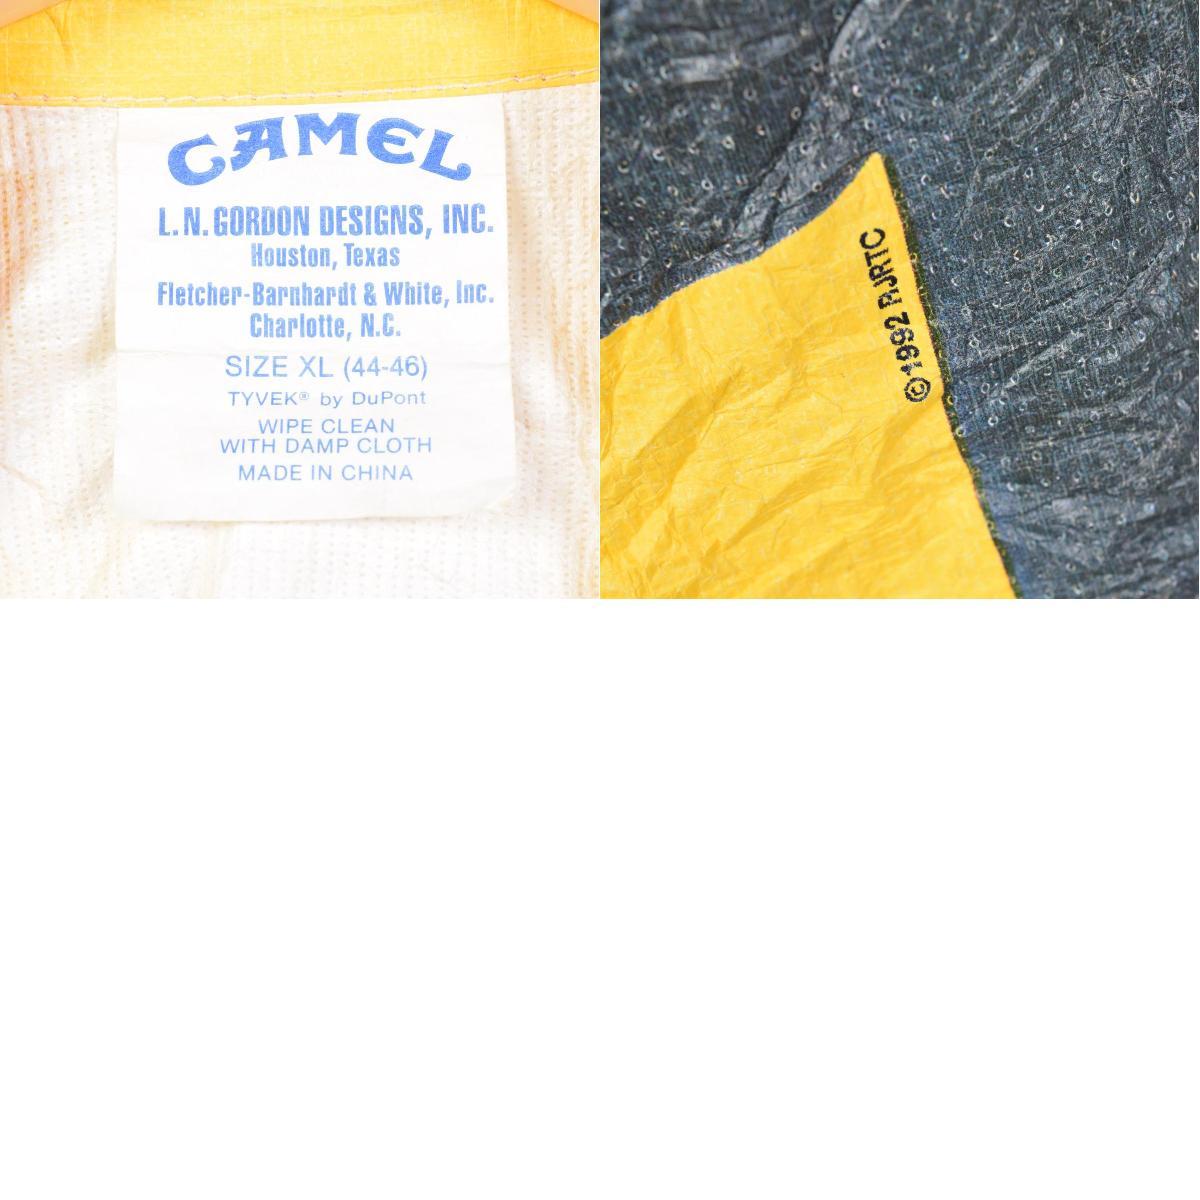 骆驼骆驼纸夹克男装 XL L.N.GORDON 设计公司 /wex2697